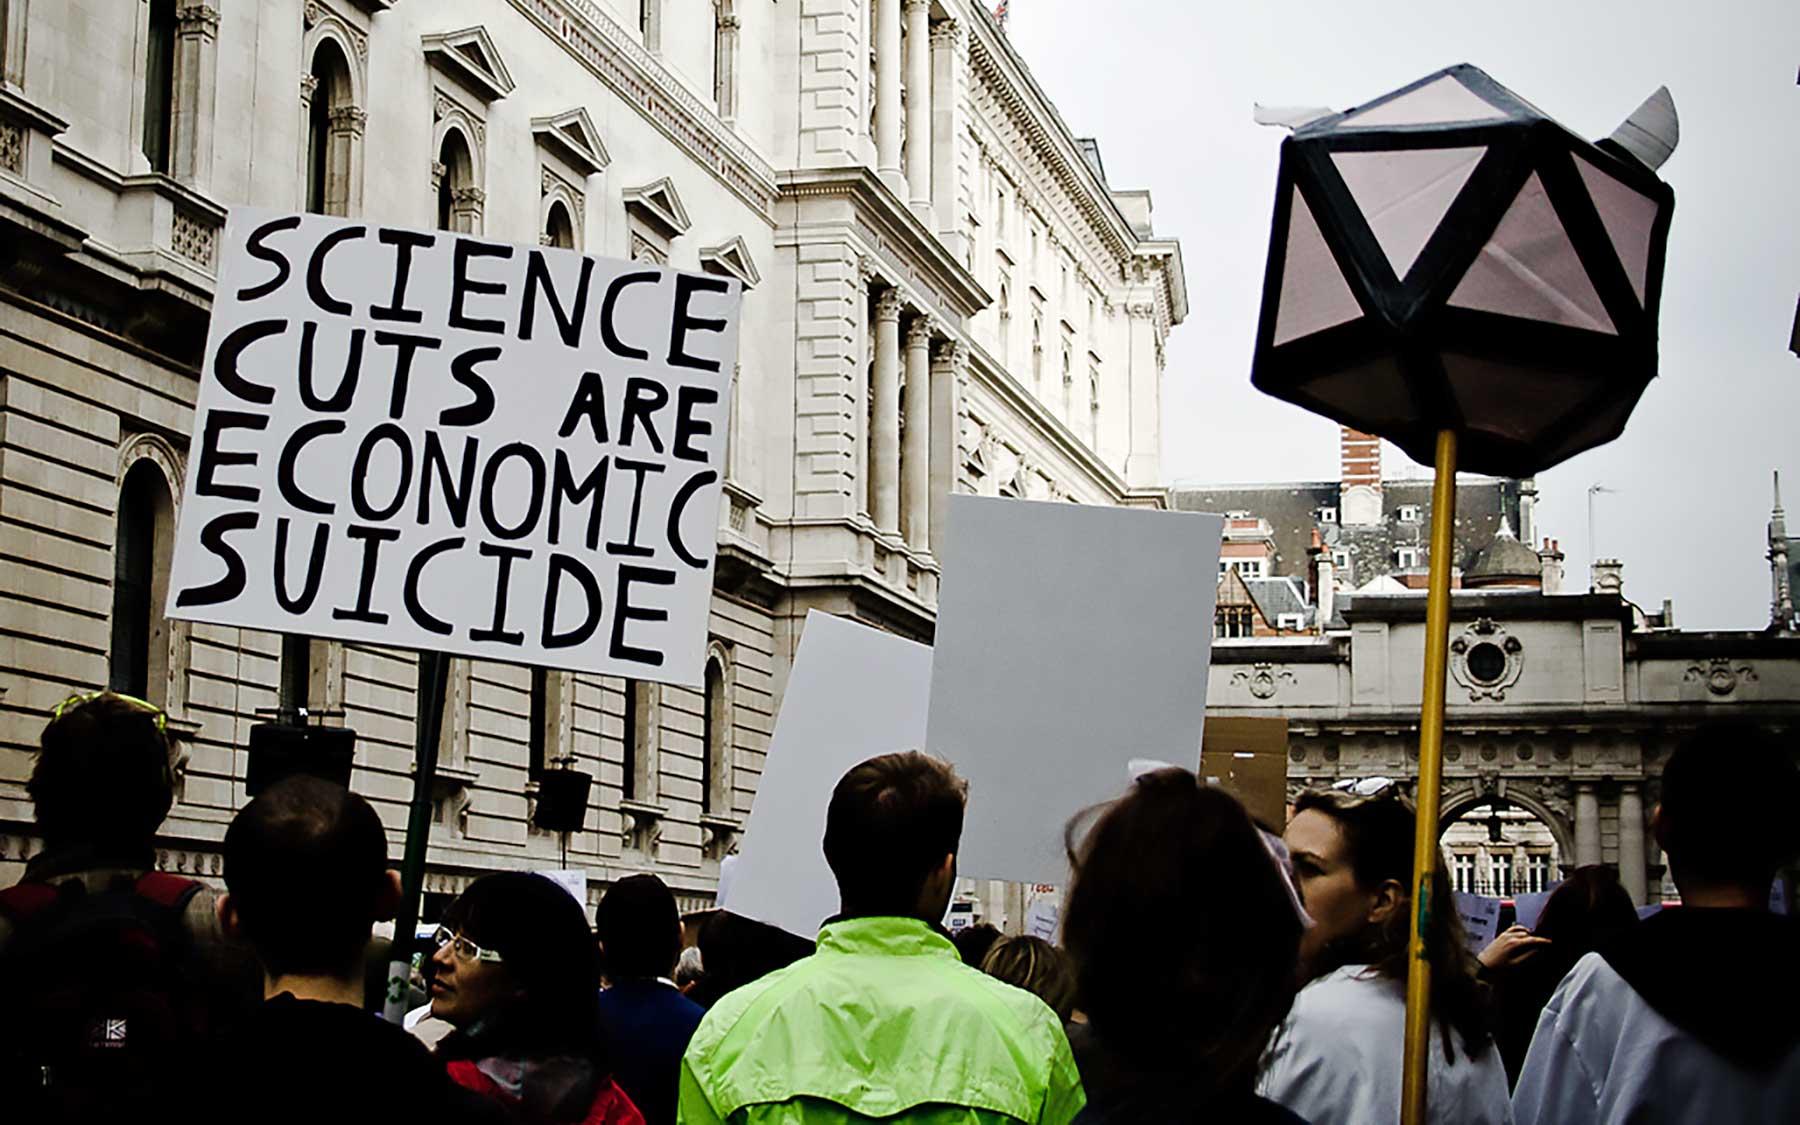 Science cuts are economic suicide